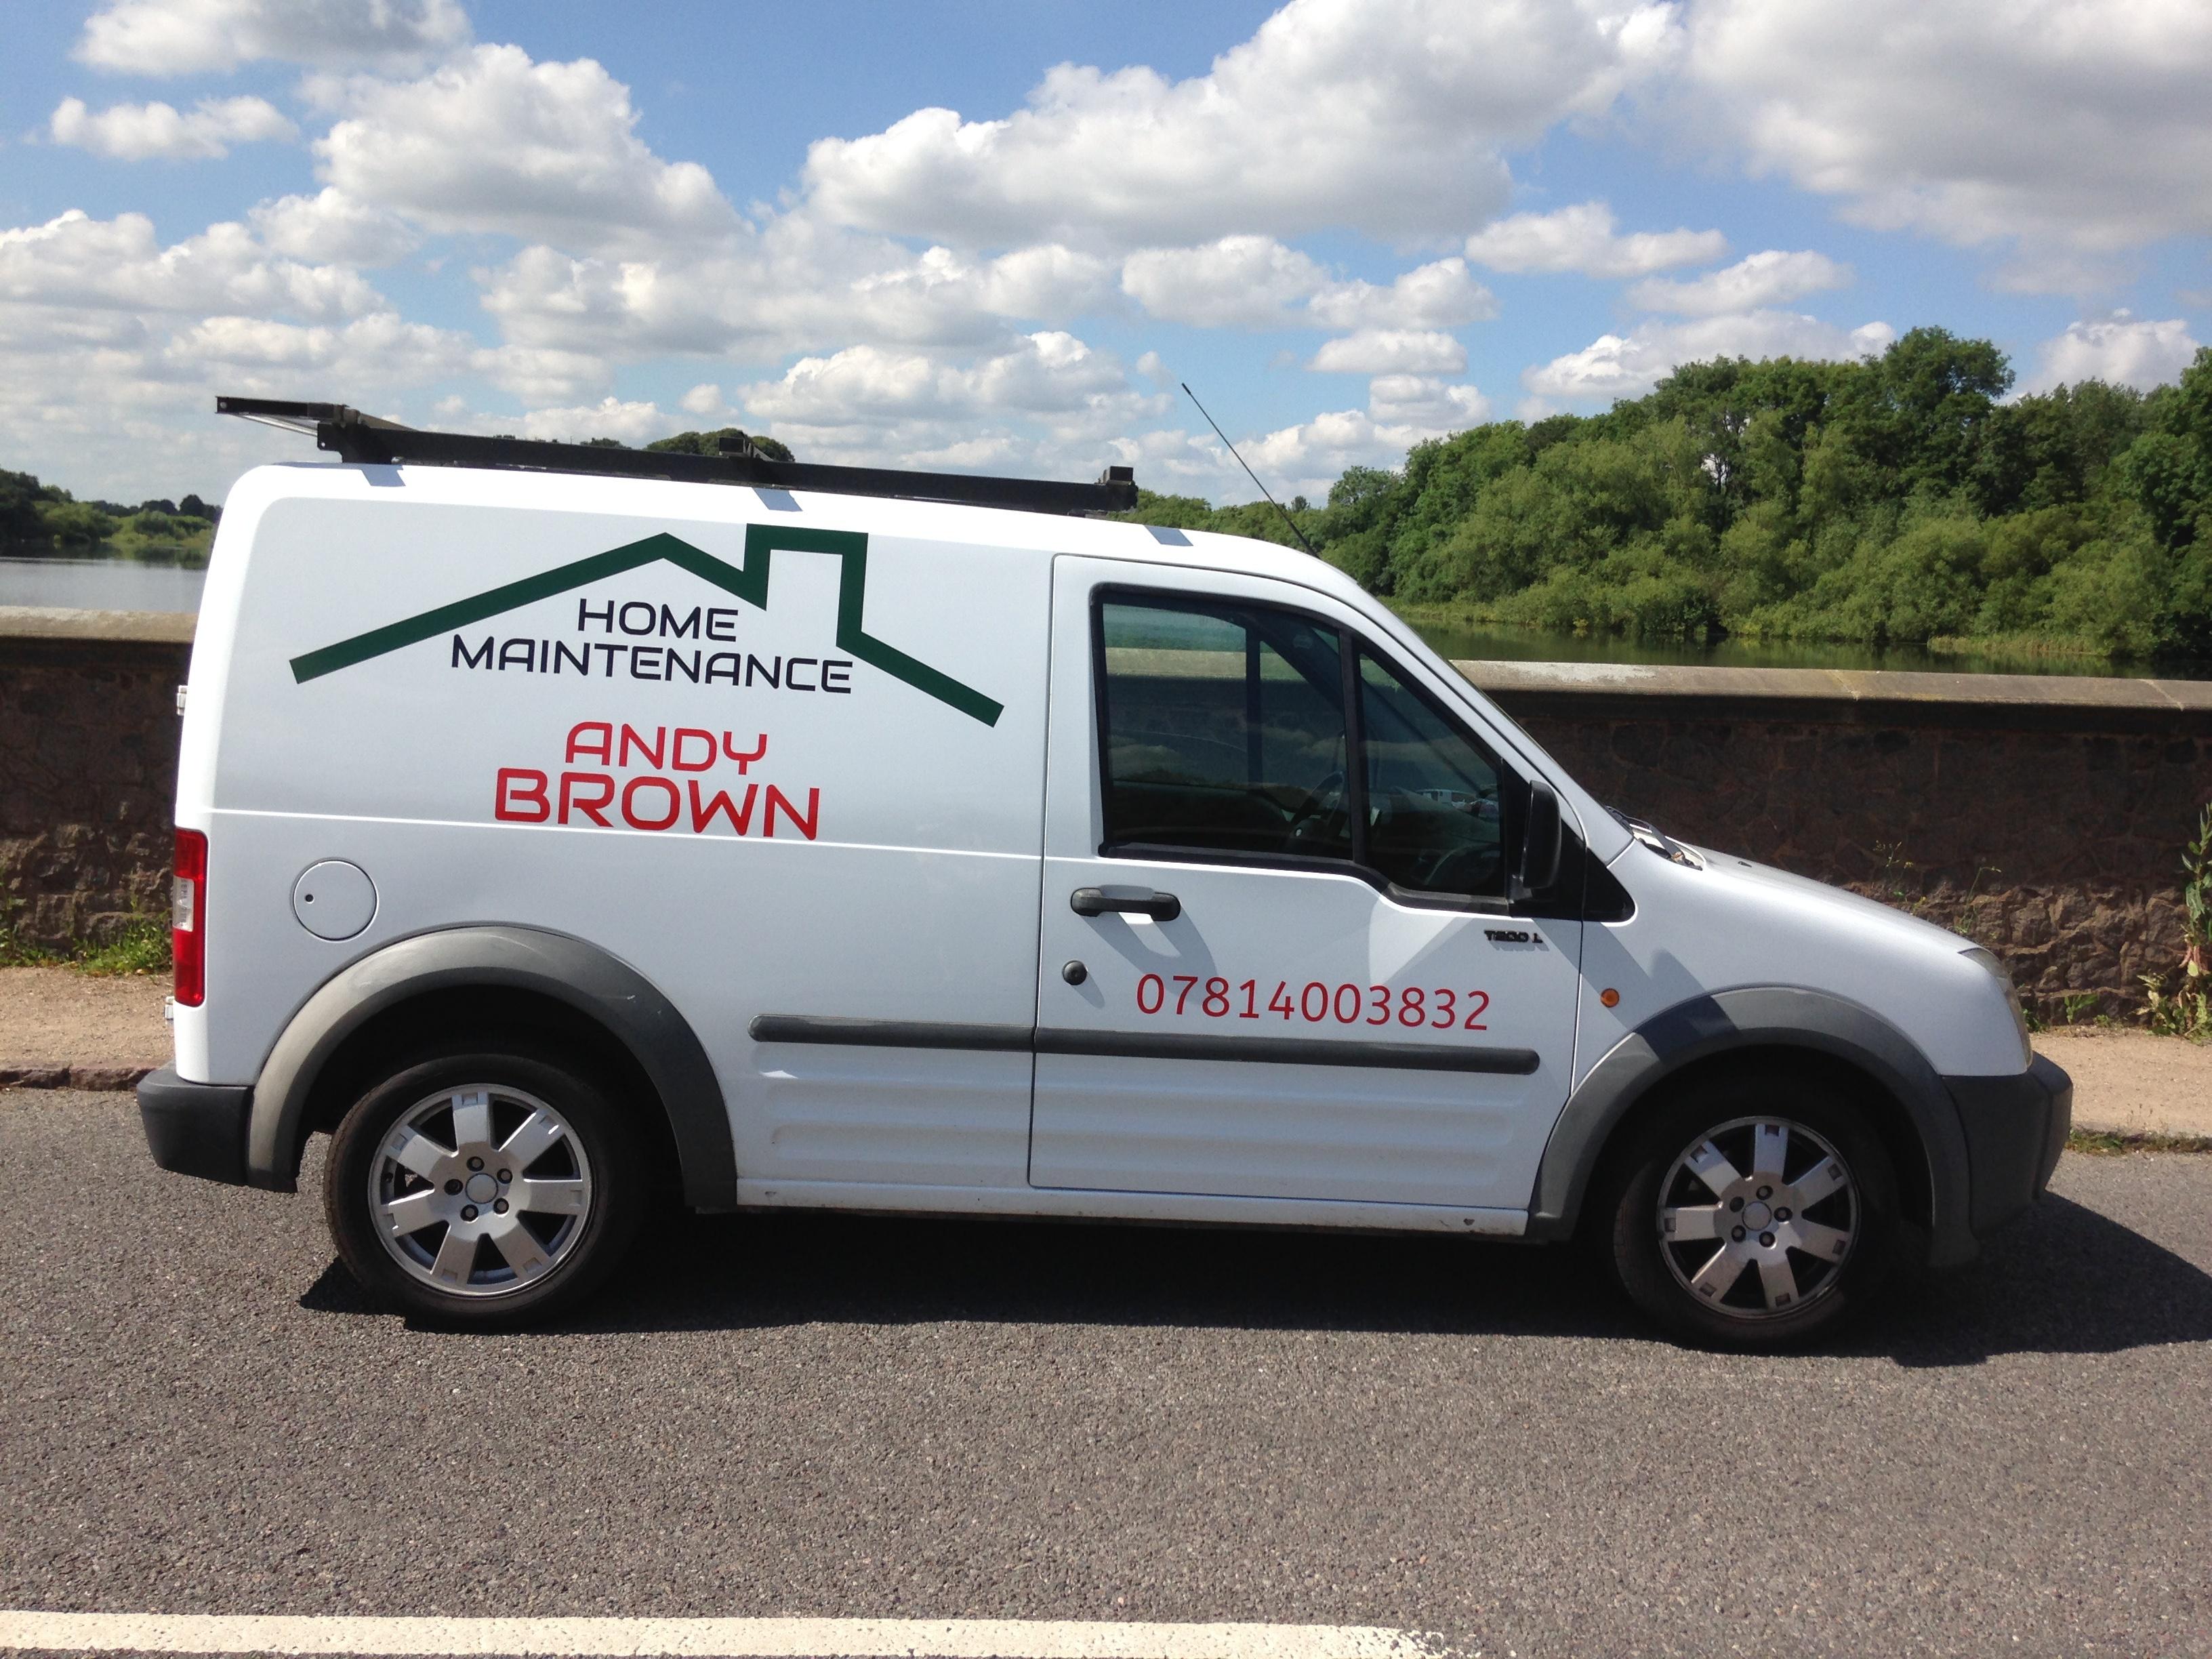 Van Signs Online Andy Brown Home Maintenance Van